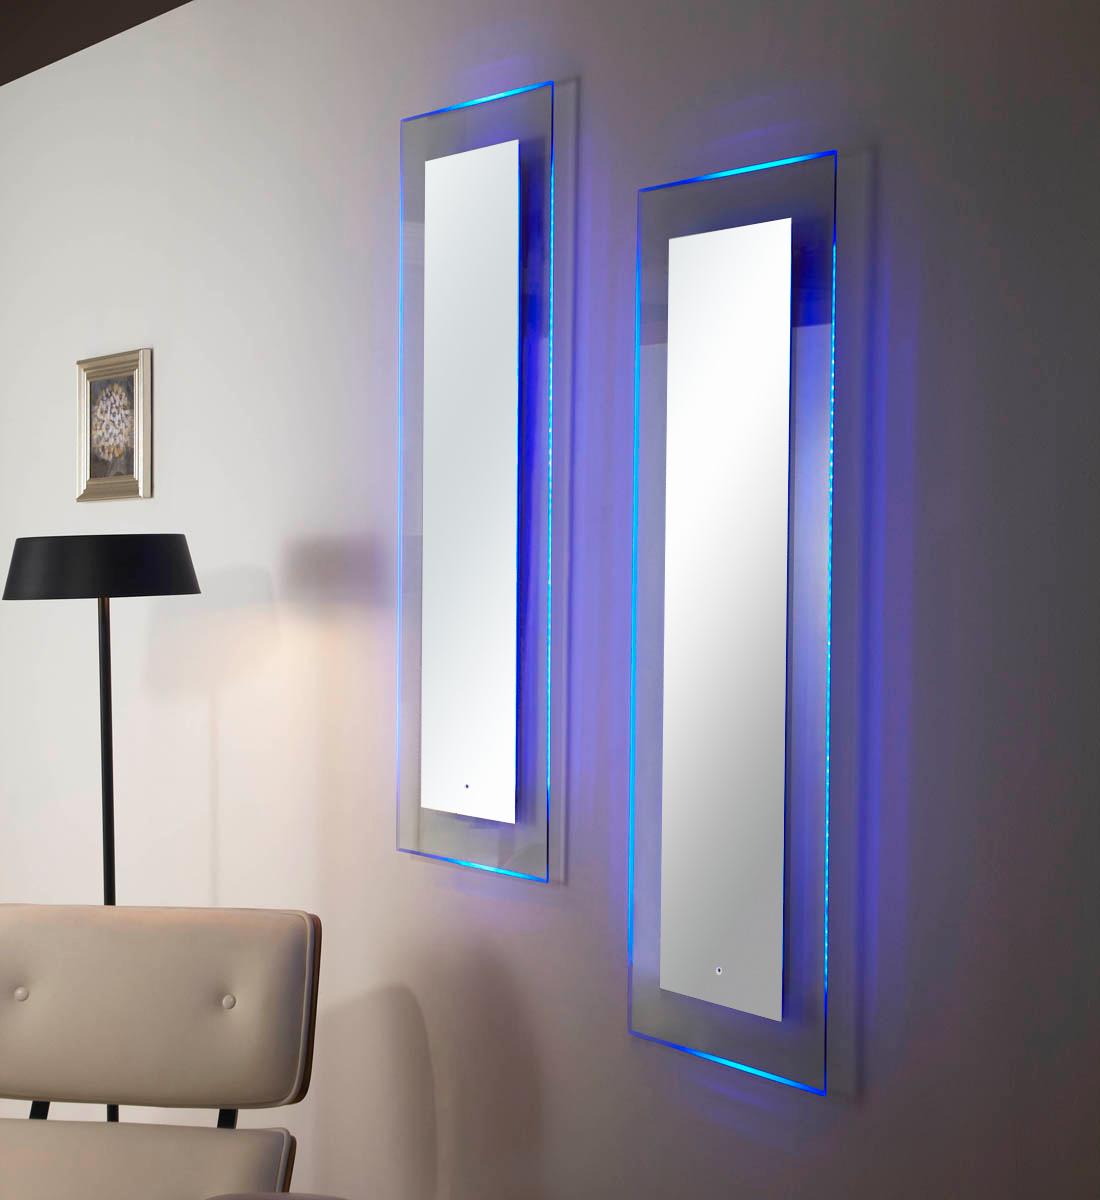 Rowenta Specchio Pieghevole.Specchio Con Luce Led Touch Screen Rettangolare L 70xh 90cm Mastin 11